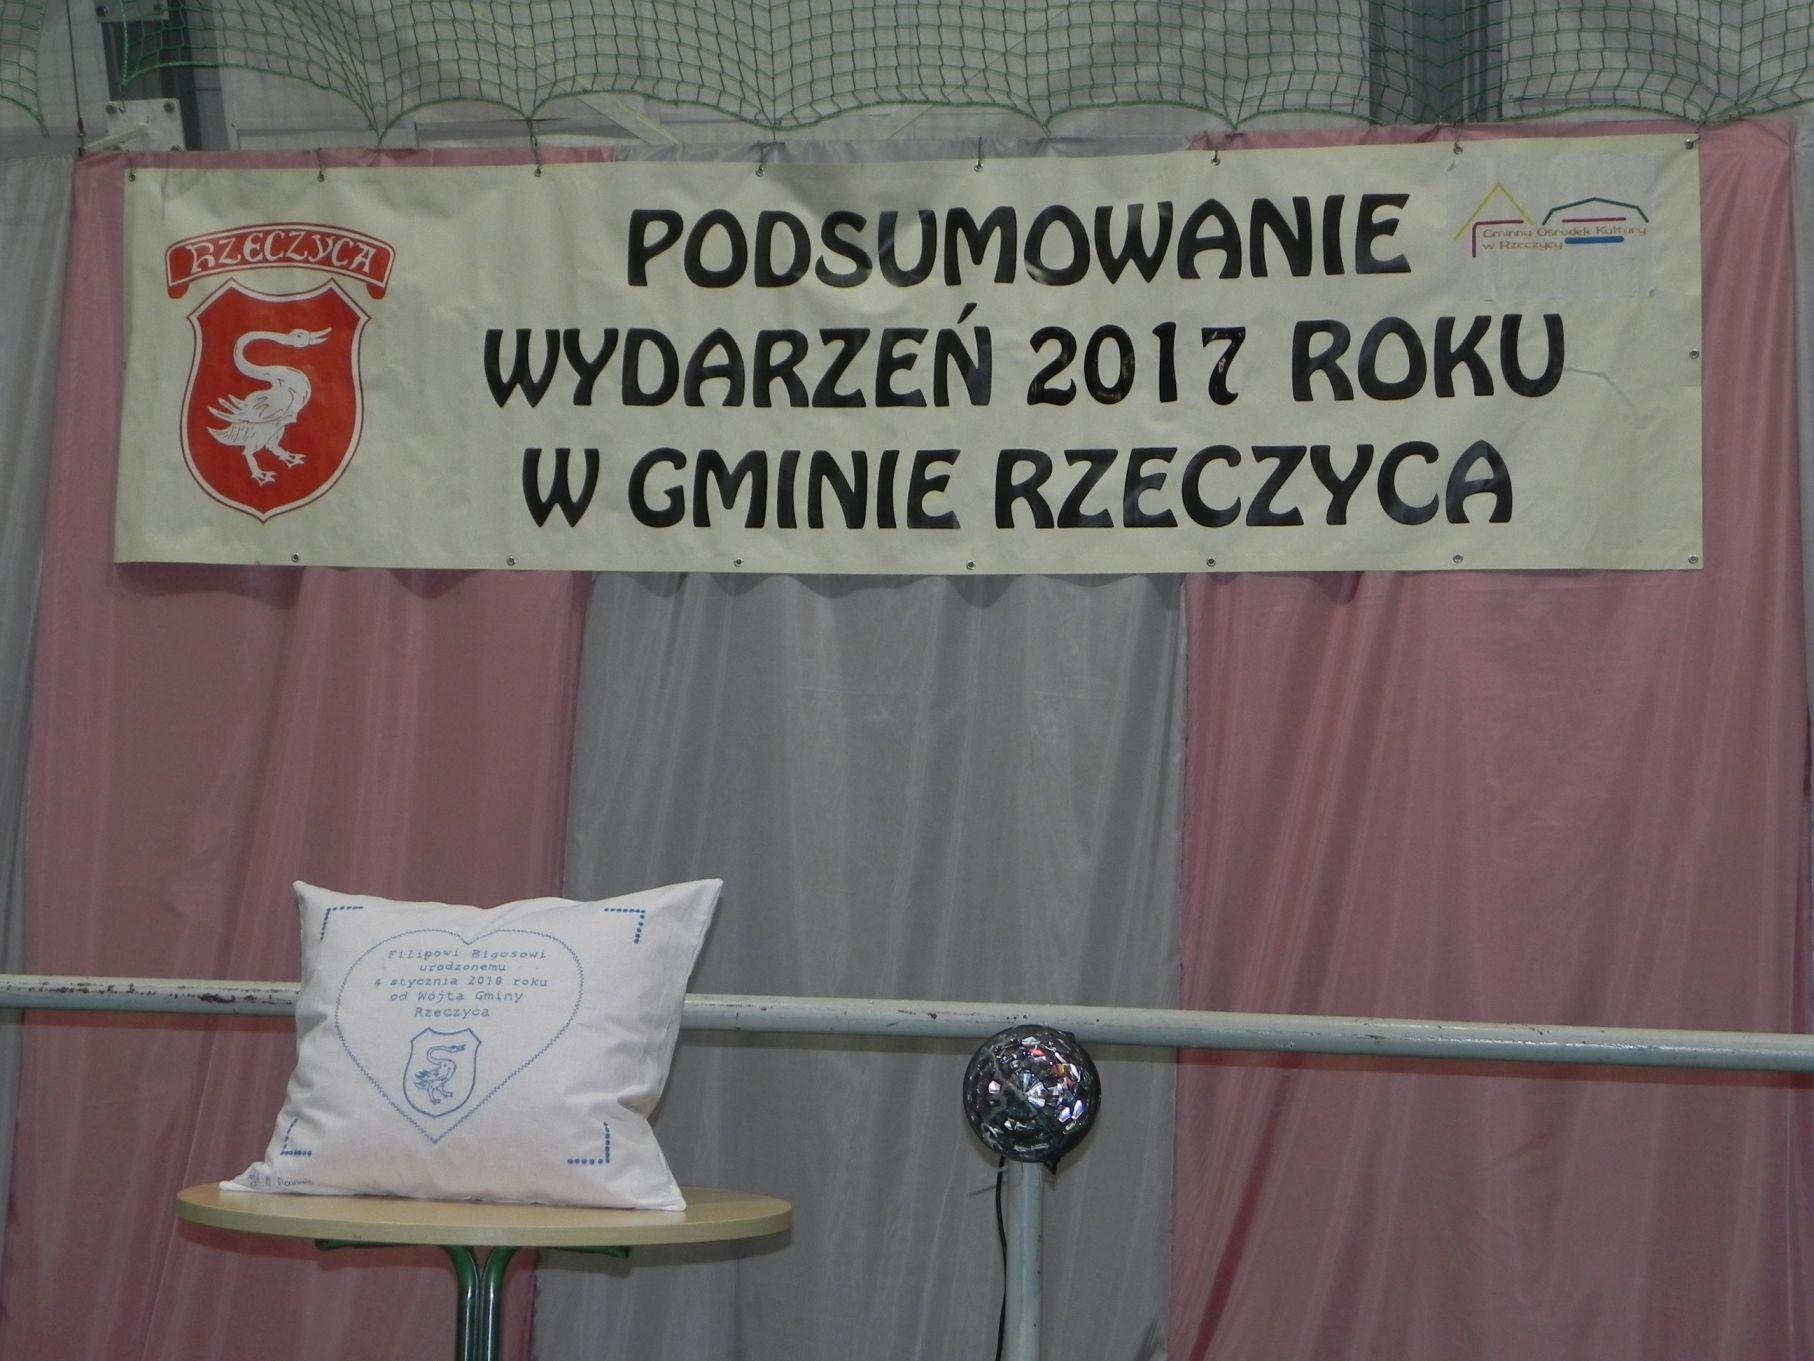 2018-02-09 Rzeczyca (1)